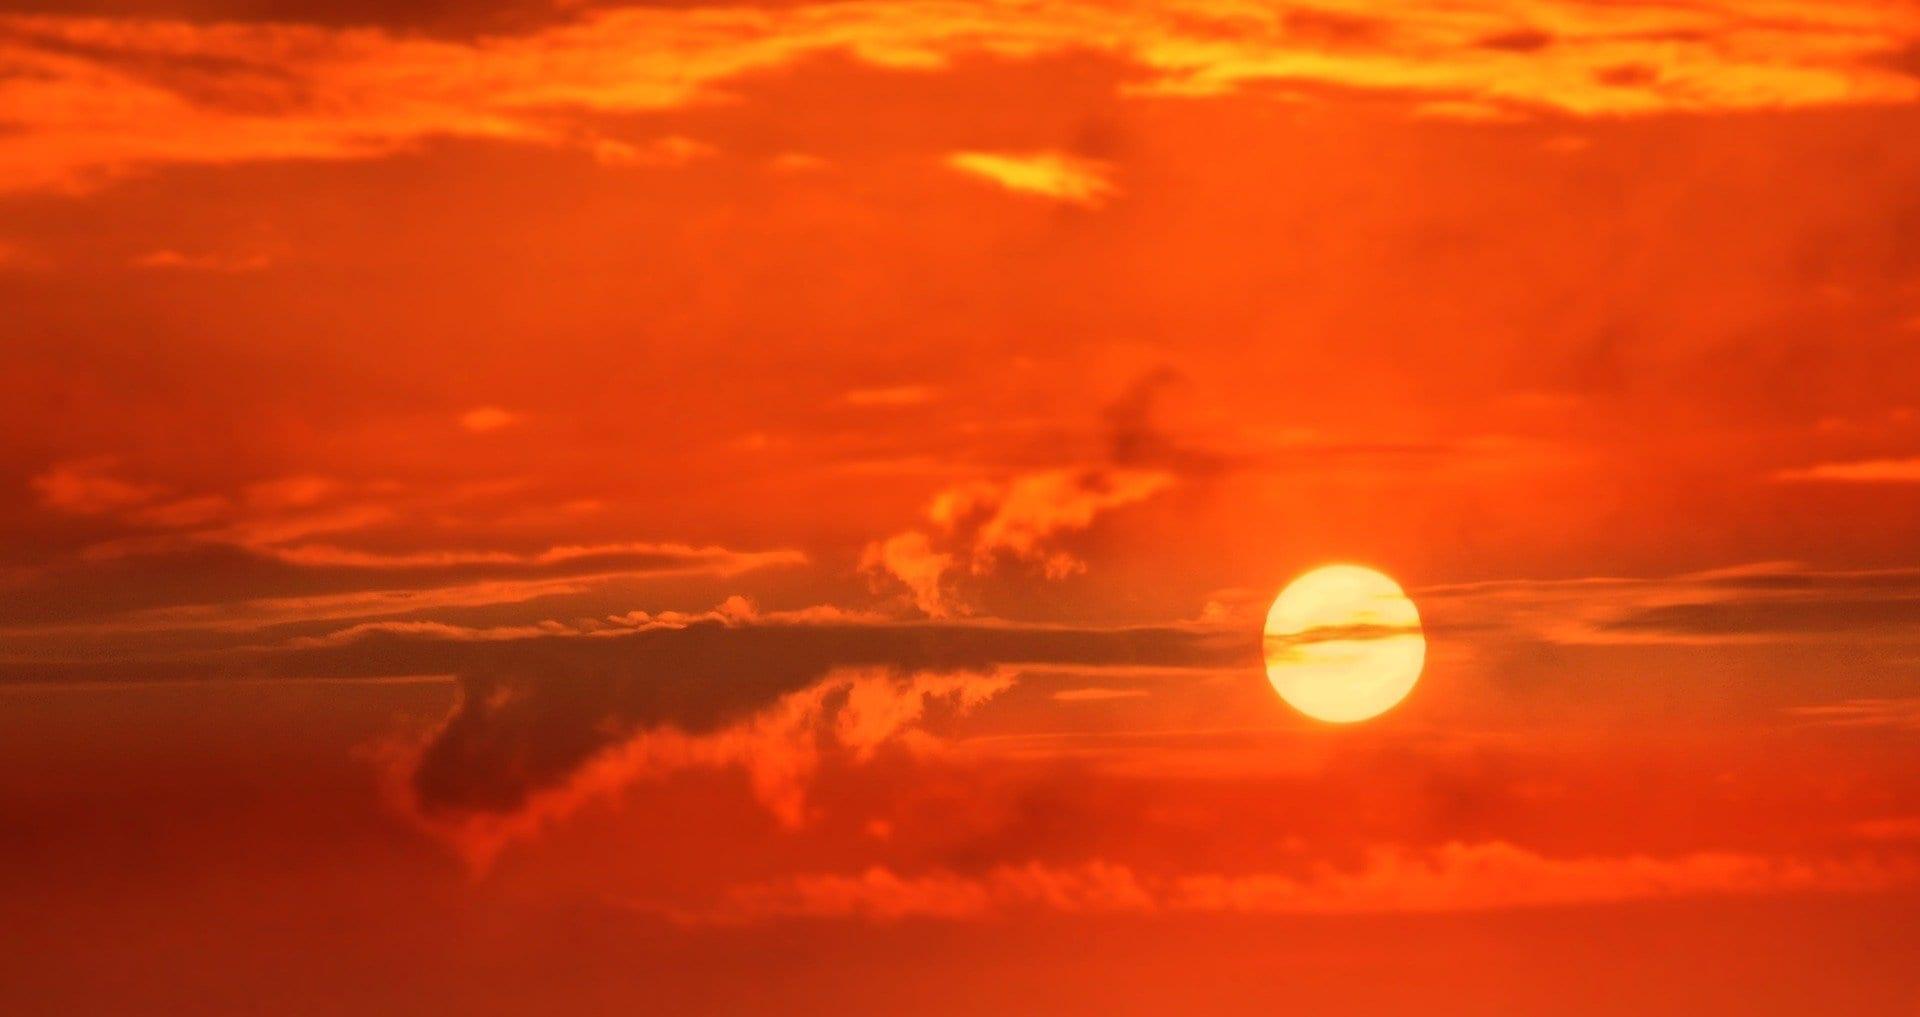 Sol, radiación solar, rayos UV, ultravioleta, cambio climático